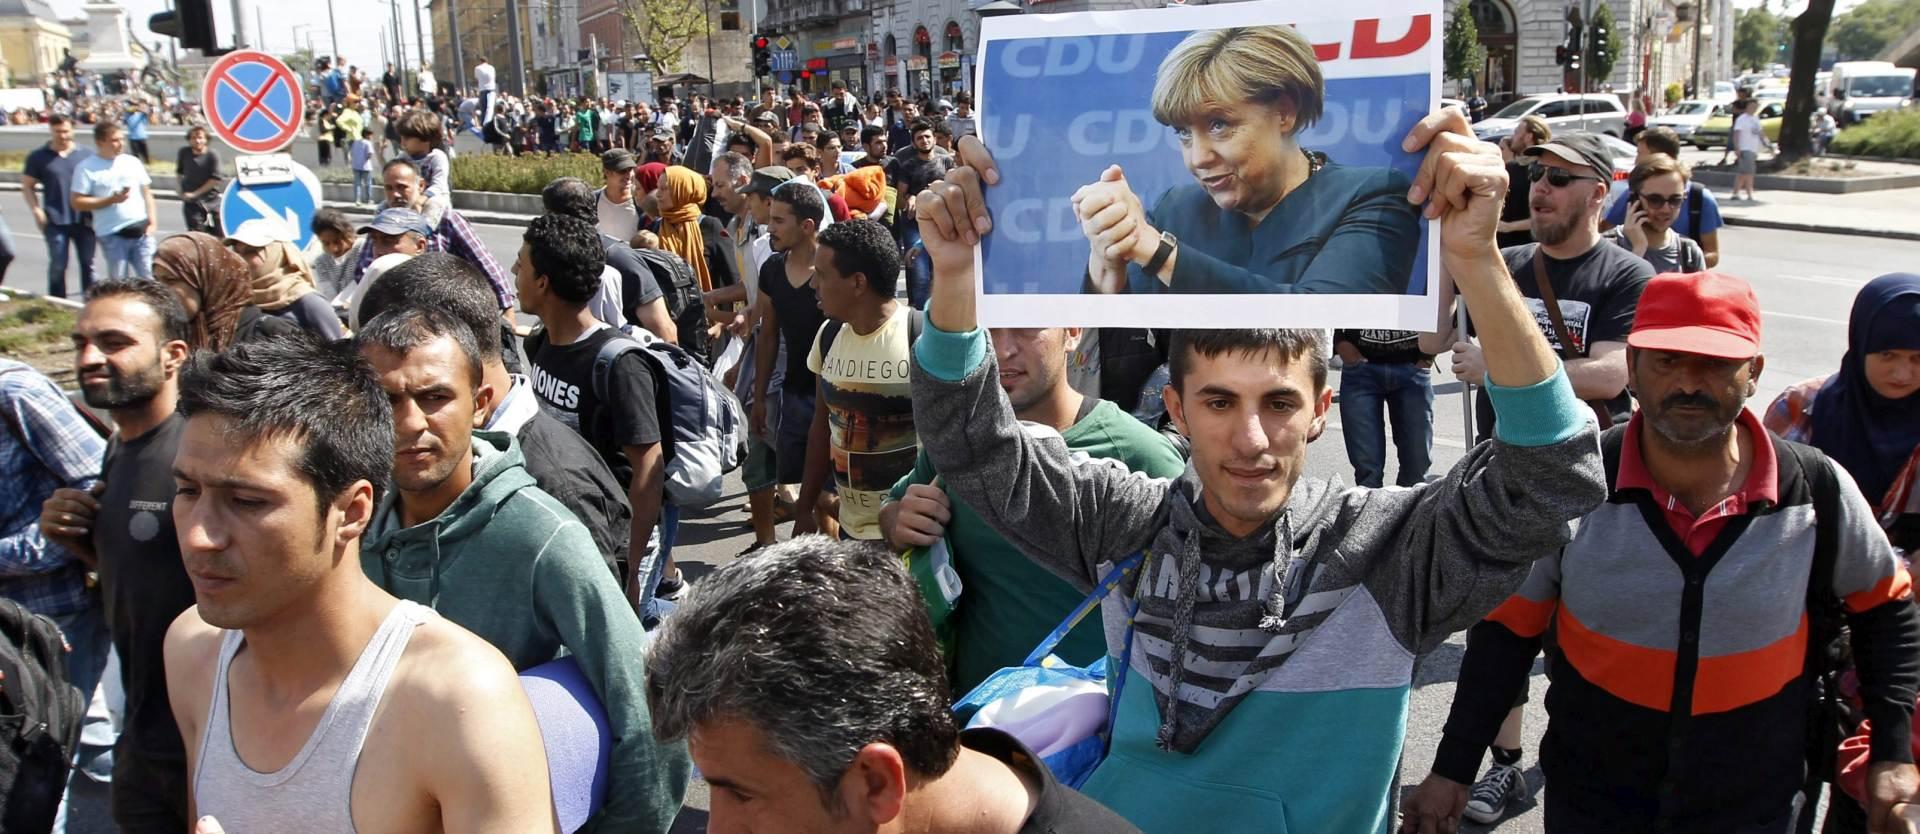 Njemačka može primiti pola milijuna izbjeglica godišnje